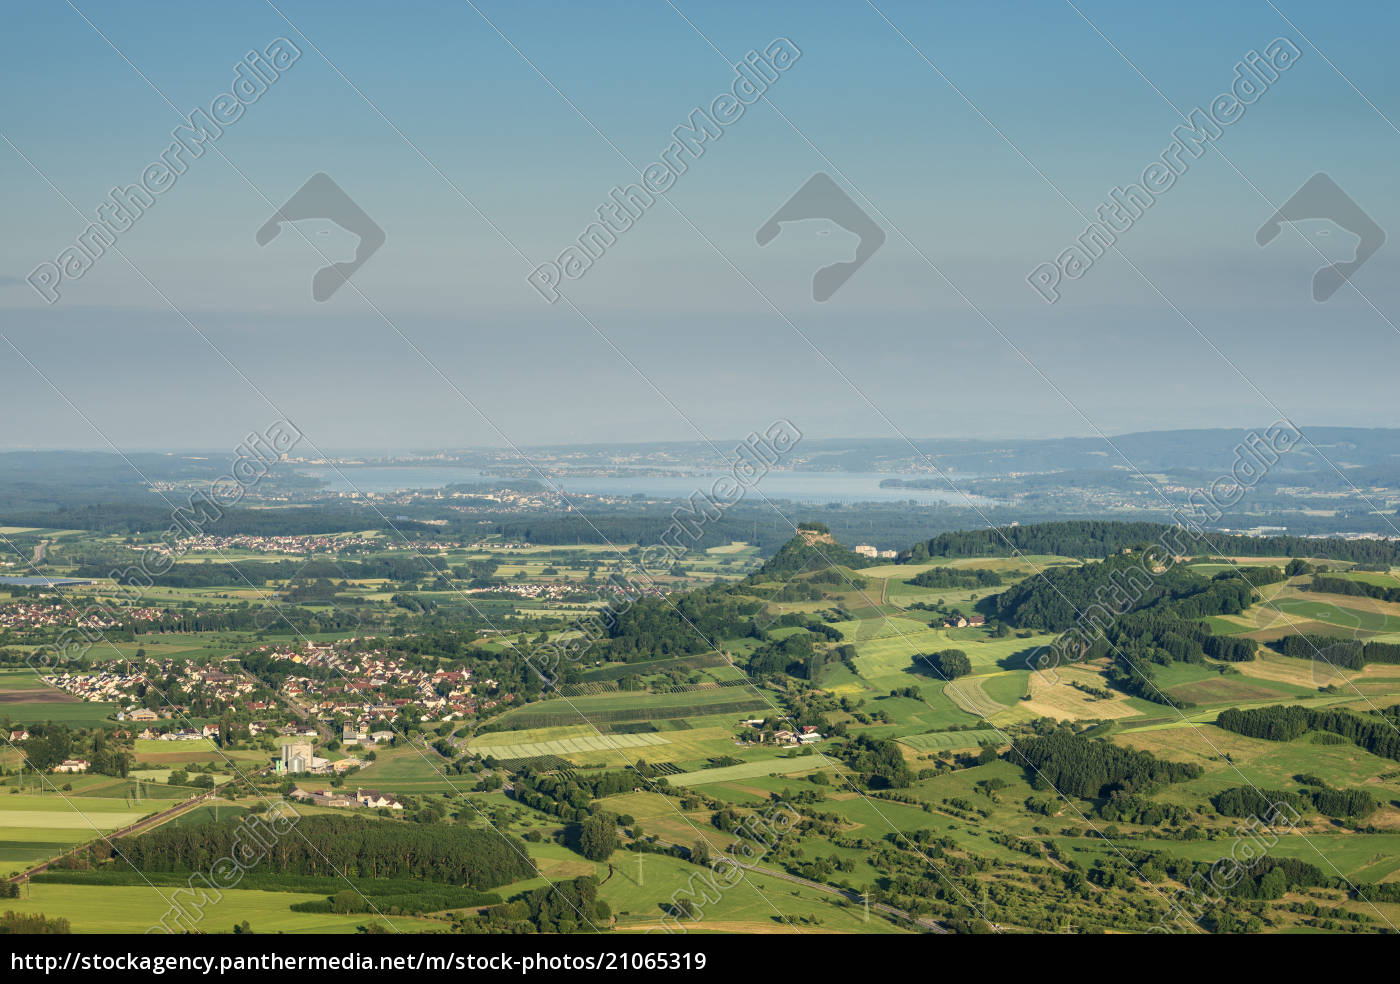 deutschland, baden-württemberg, blick, auf, hegau, landschaft, und, bodensee - 21065319